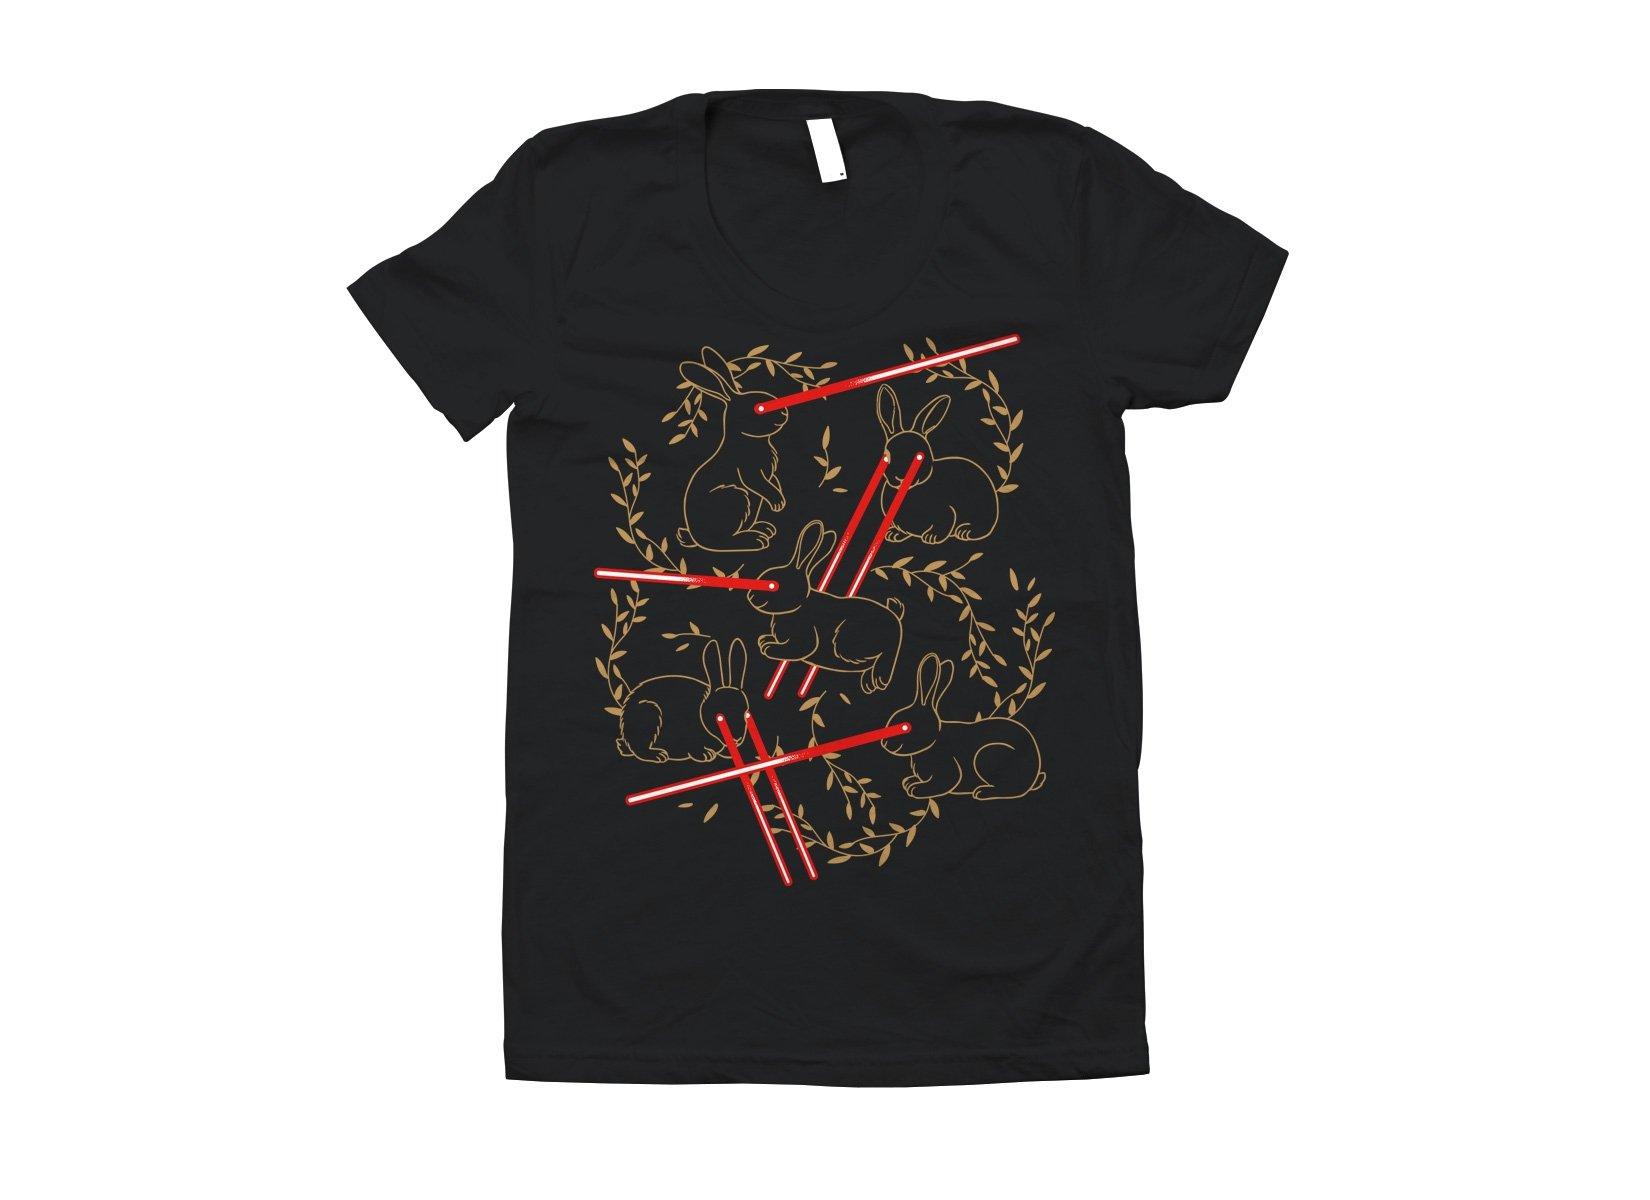 Laser Buns on Juniors T-Shirt